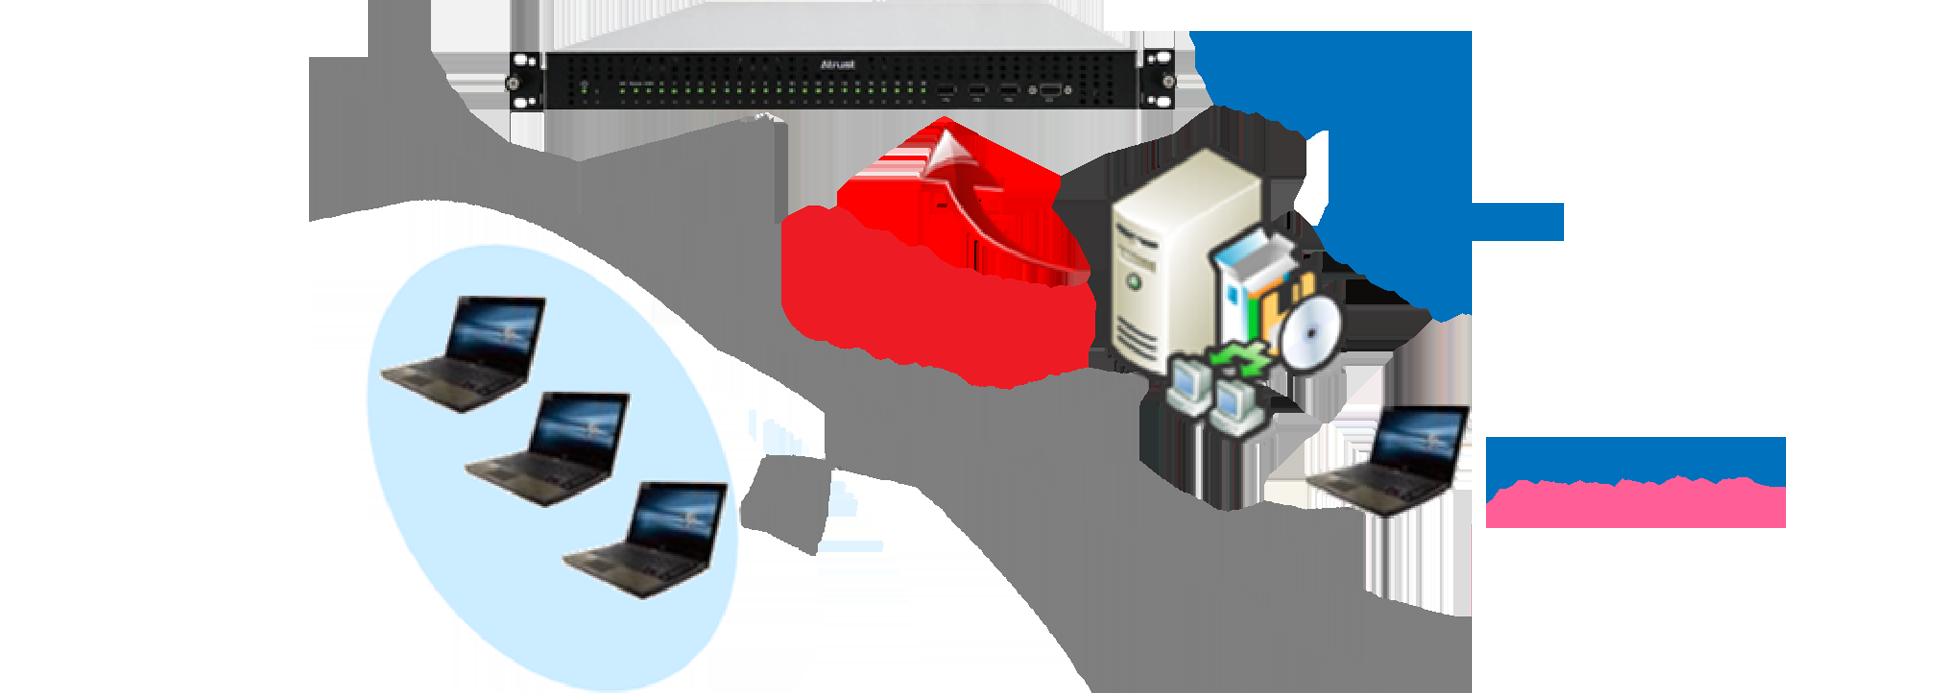 ede8e79817 シンプルかつ低コストな構成から、利便性の高い構成まで様々なOAユーザー環境に適応します。